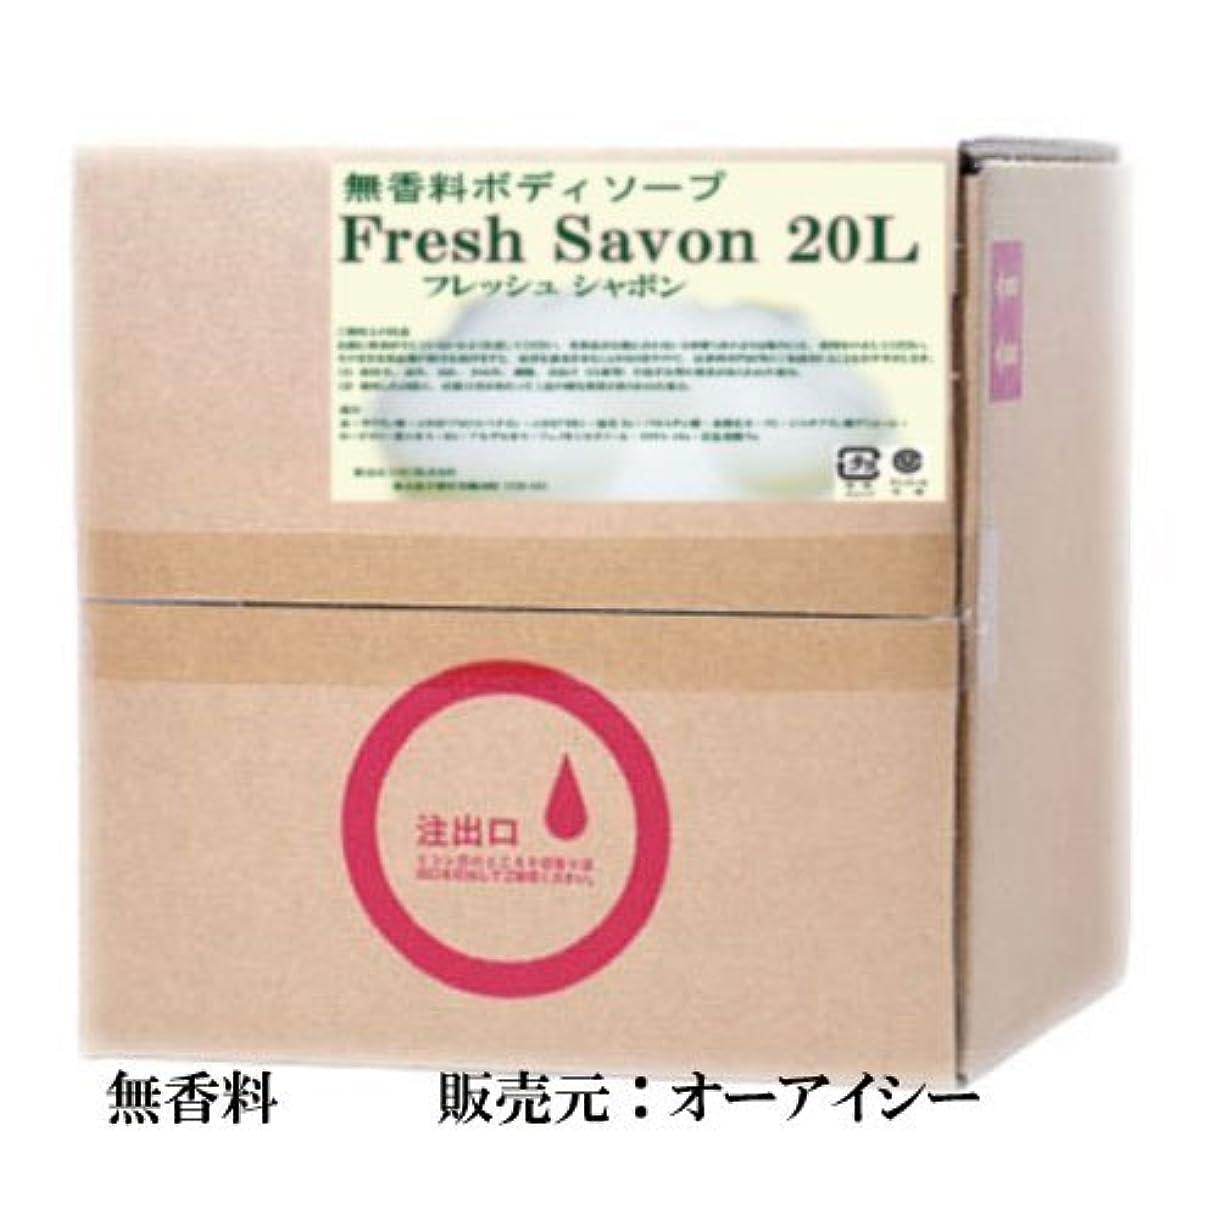 証明書明らか受ける業務用 無香料 ボディソープ フレッシュシャボン 20L (販売元:オーアイシー) (ホワイト)